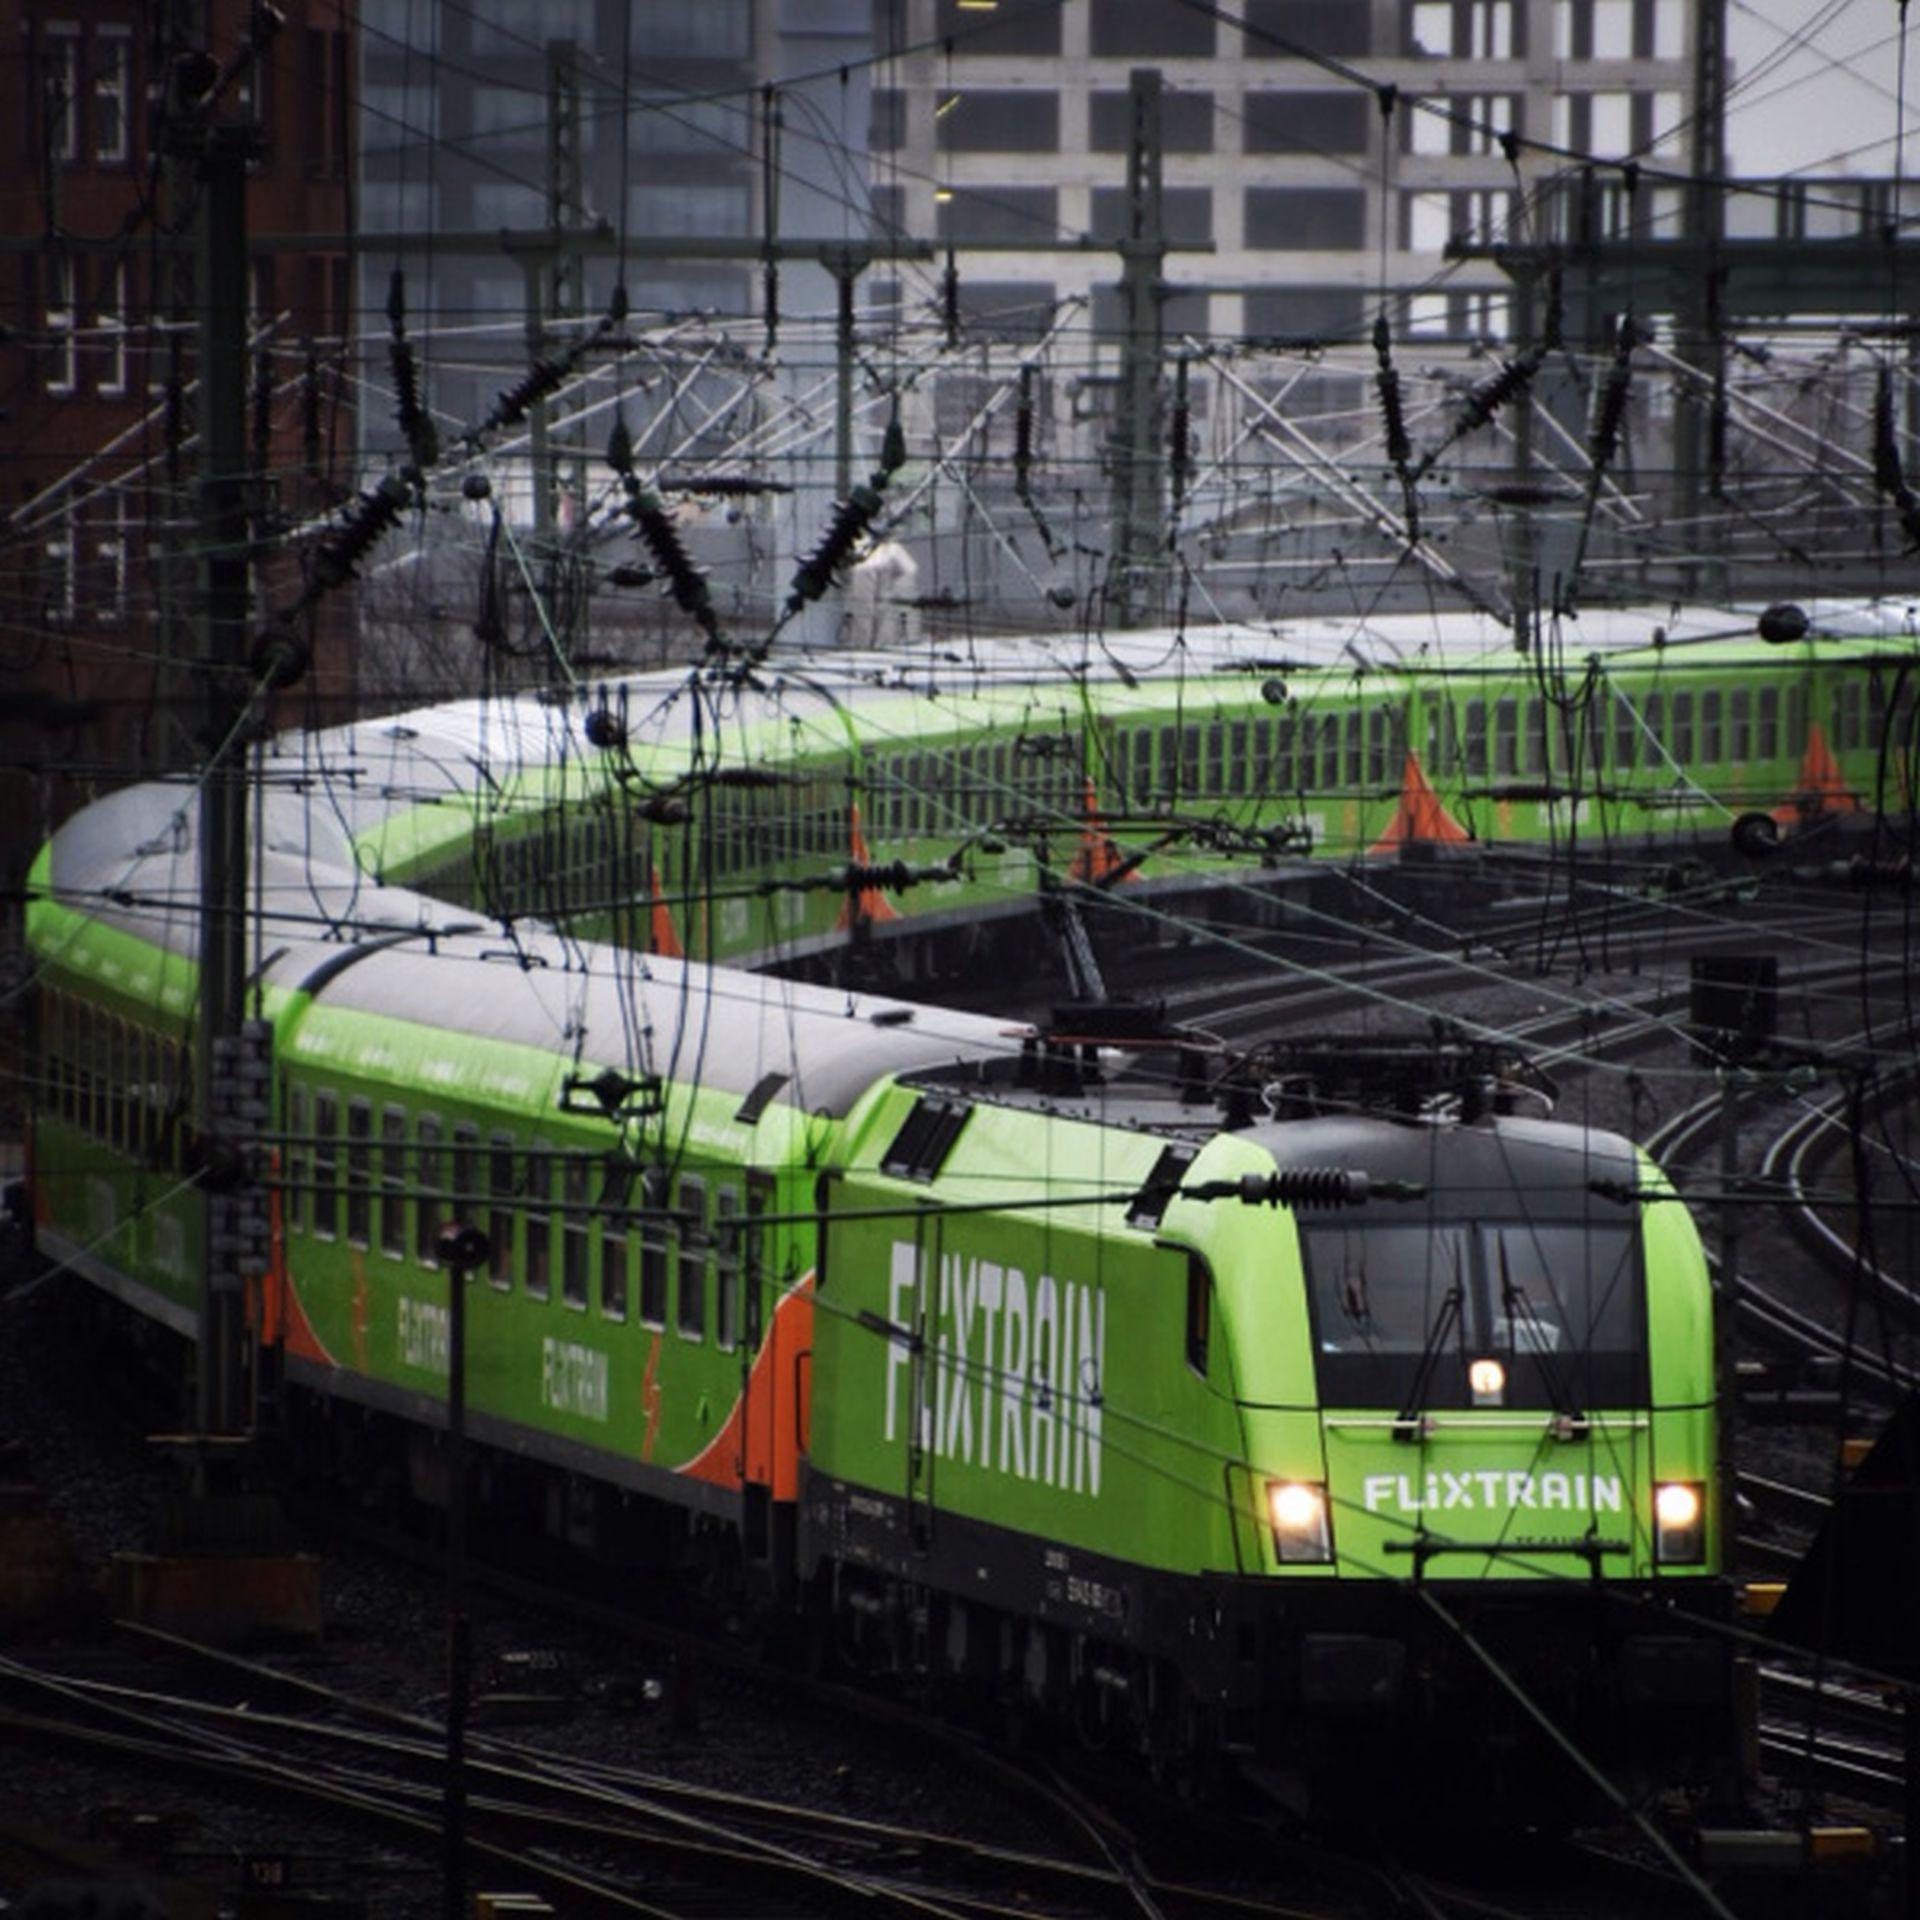 Prvním vlakem FlixTrain jelo kolem 500 lidí. Foto: FlixTrain